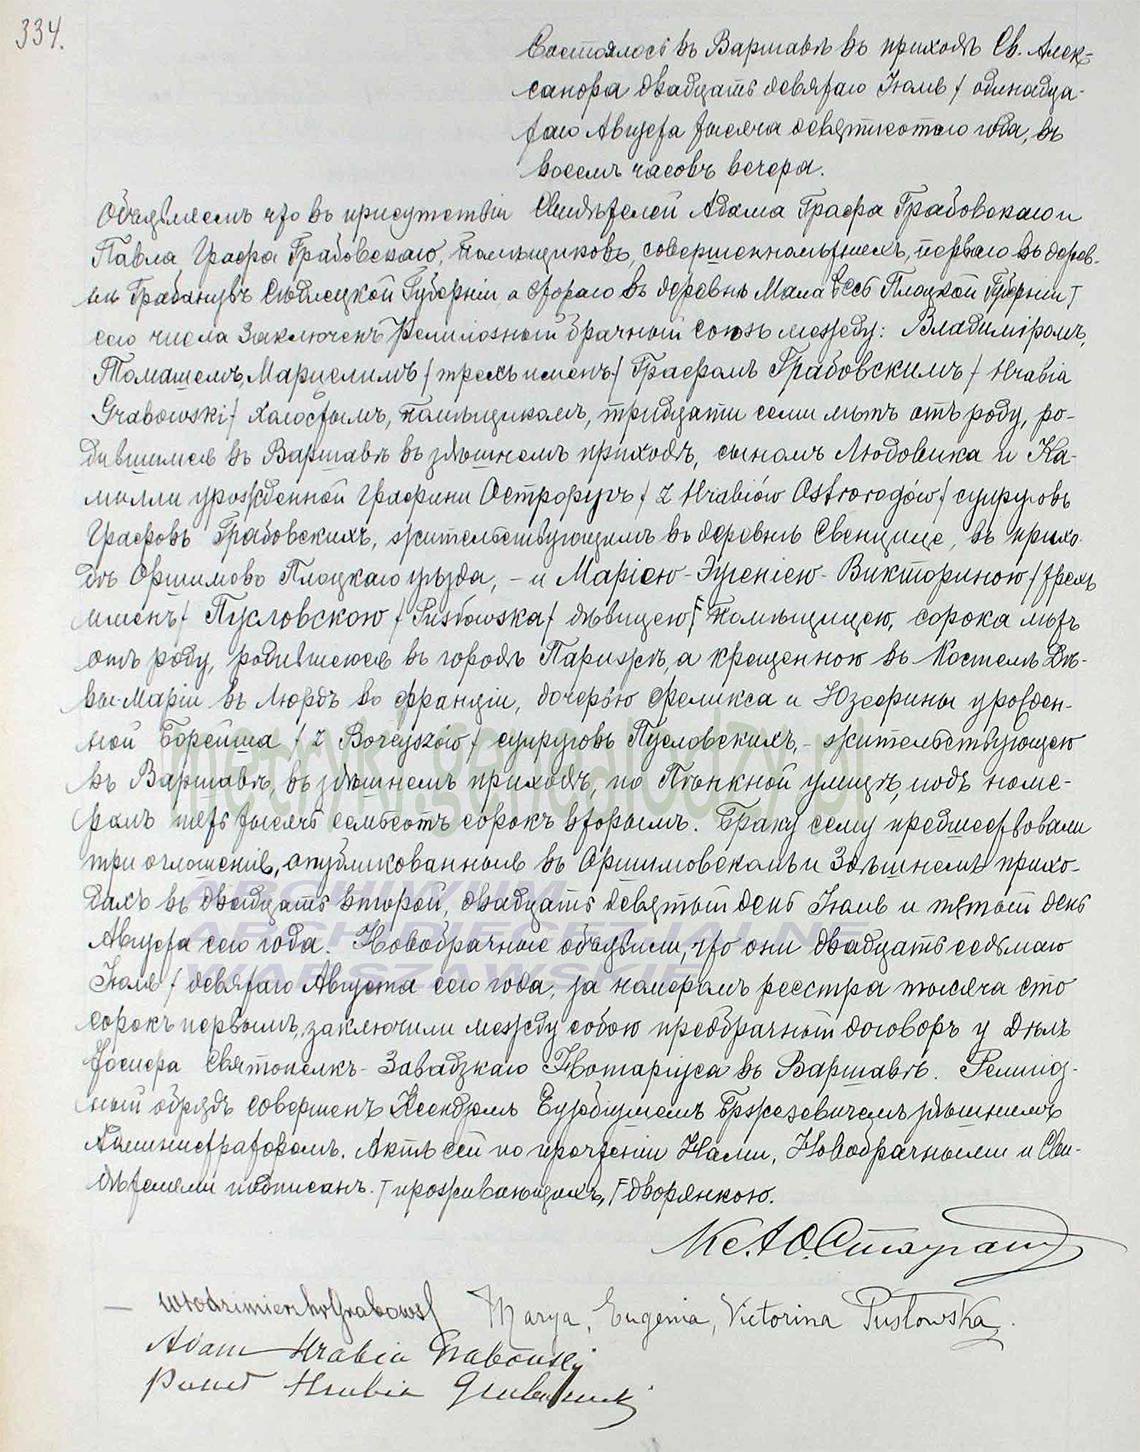 Akt stanu cywilnego małżeństwa Włodzimierz Tomasz Marceli Grabowski & Marya Eugenia Viktorina Pusłowska 29.07/11.08.1900 r.